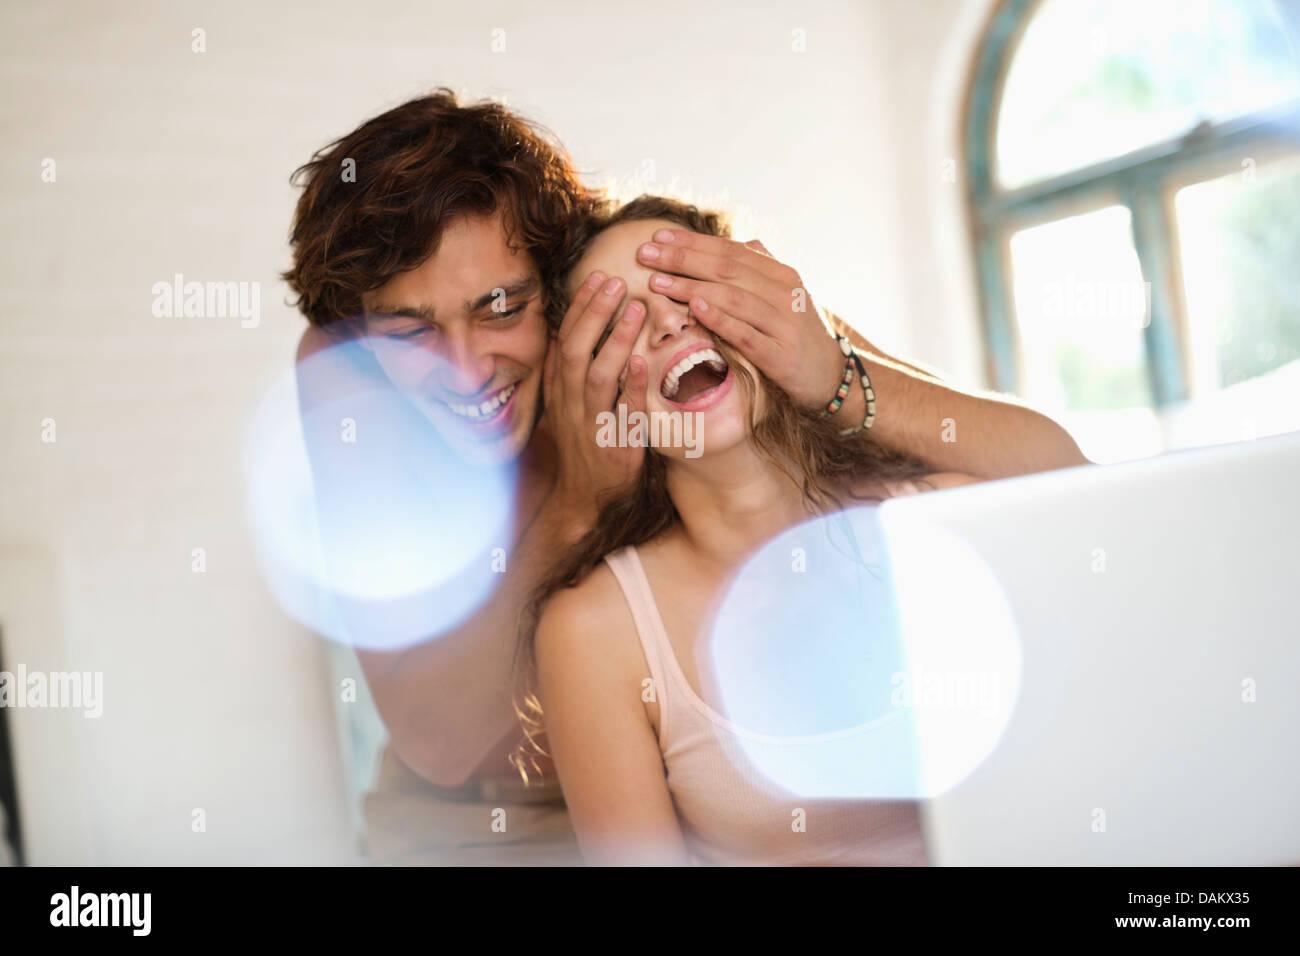 Les yeux de l'homme couvrant petite amie à l'intérieur Photo Stock